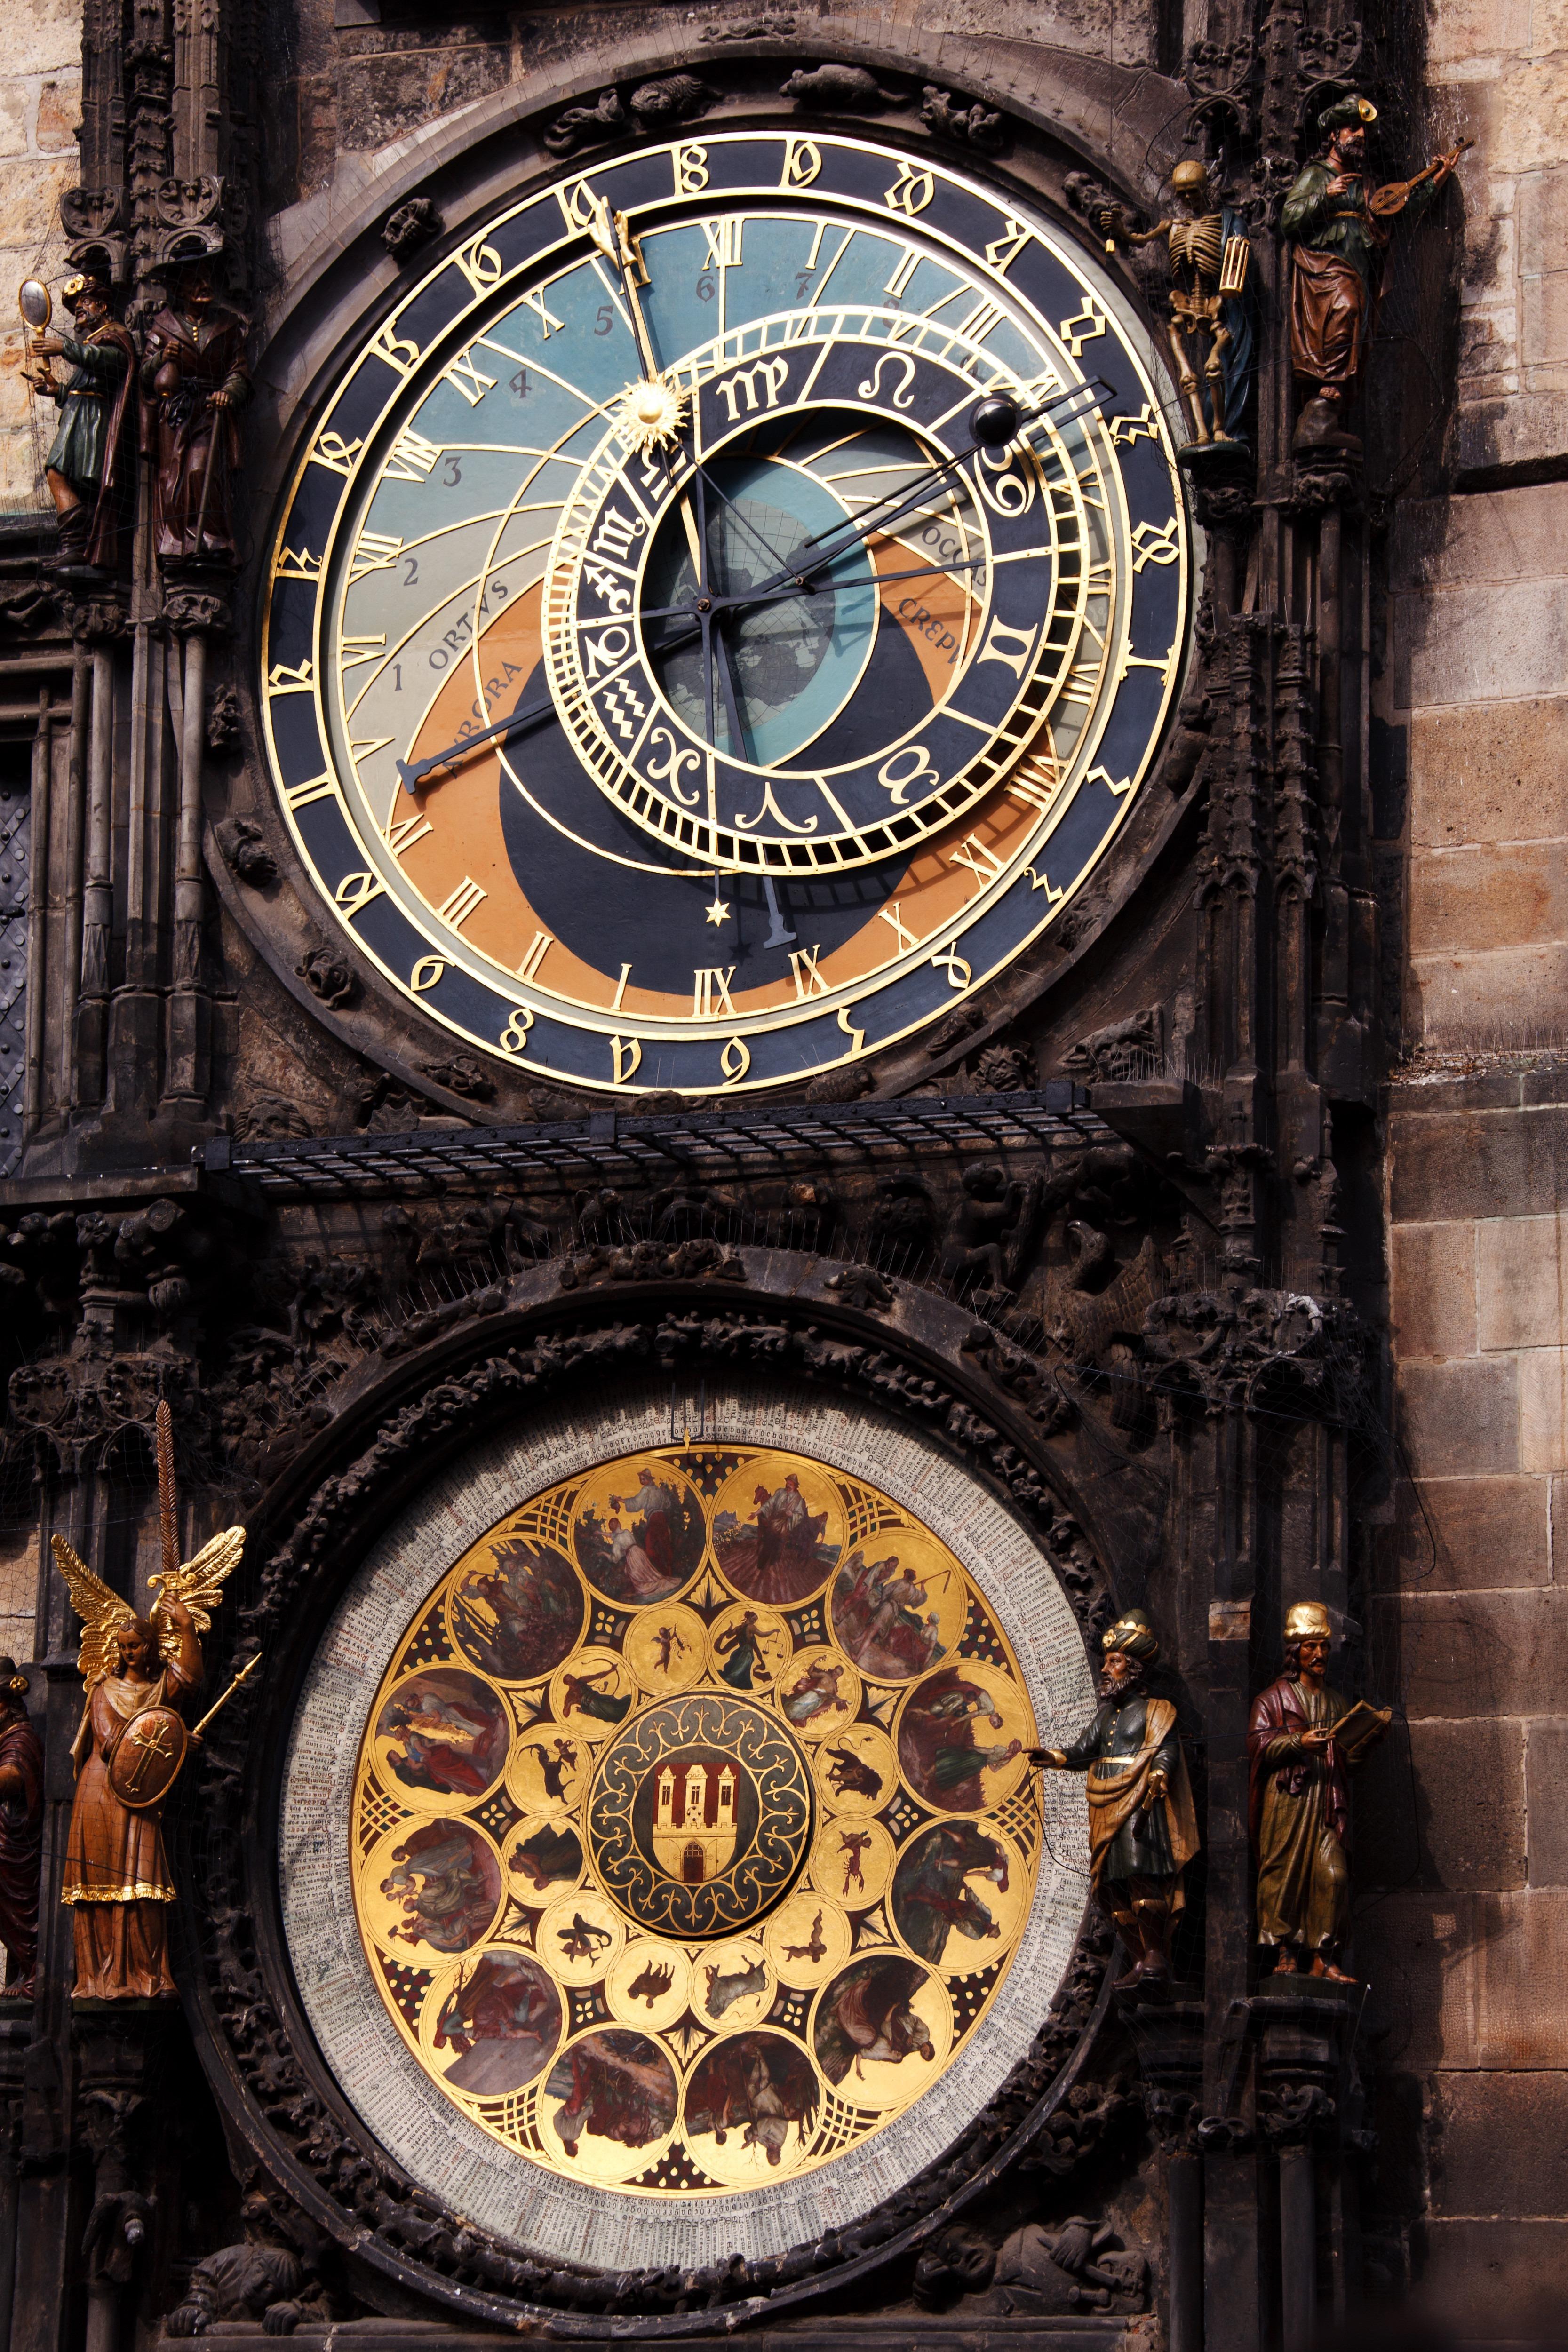 Astronomical Clock Tattoo: Gratis Billeder : Arkitektur, Antik, By, Ur, Tid, Gammel